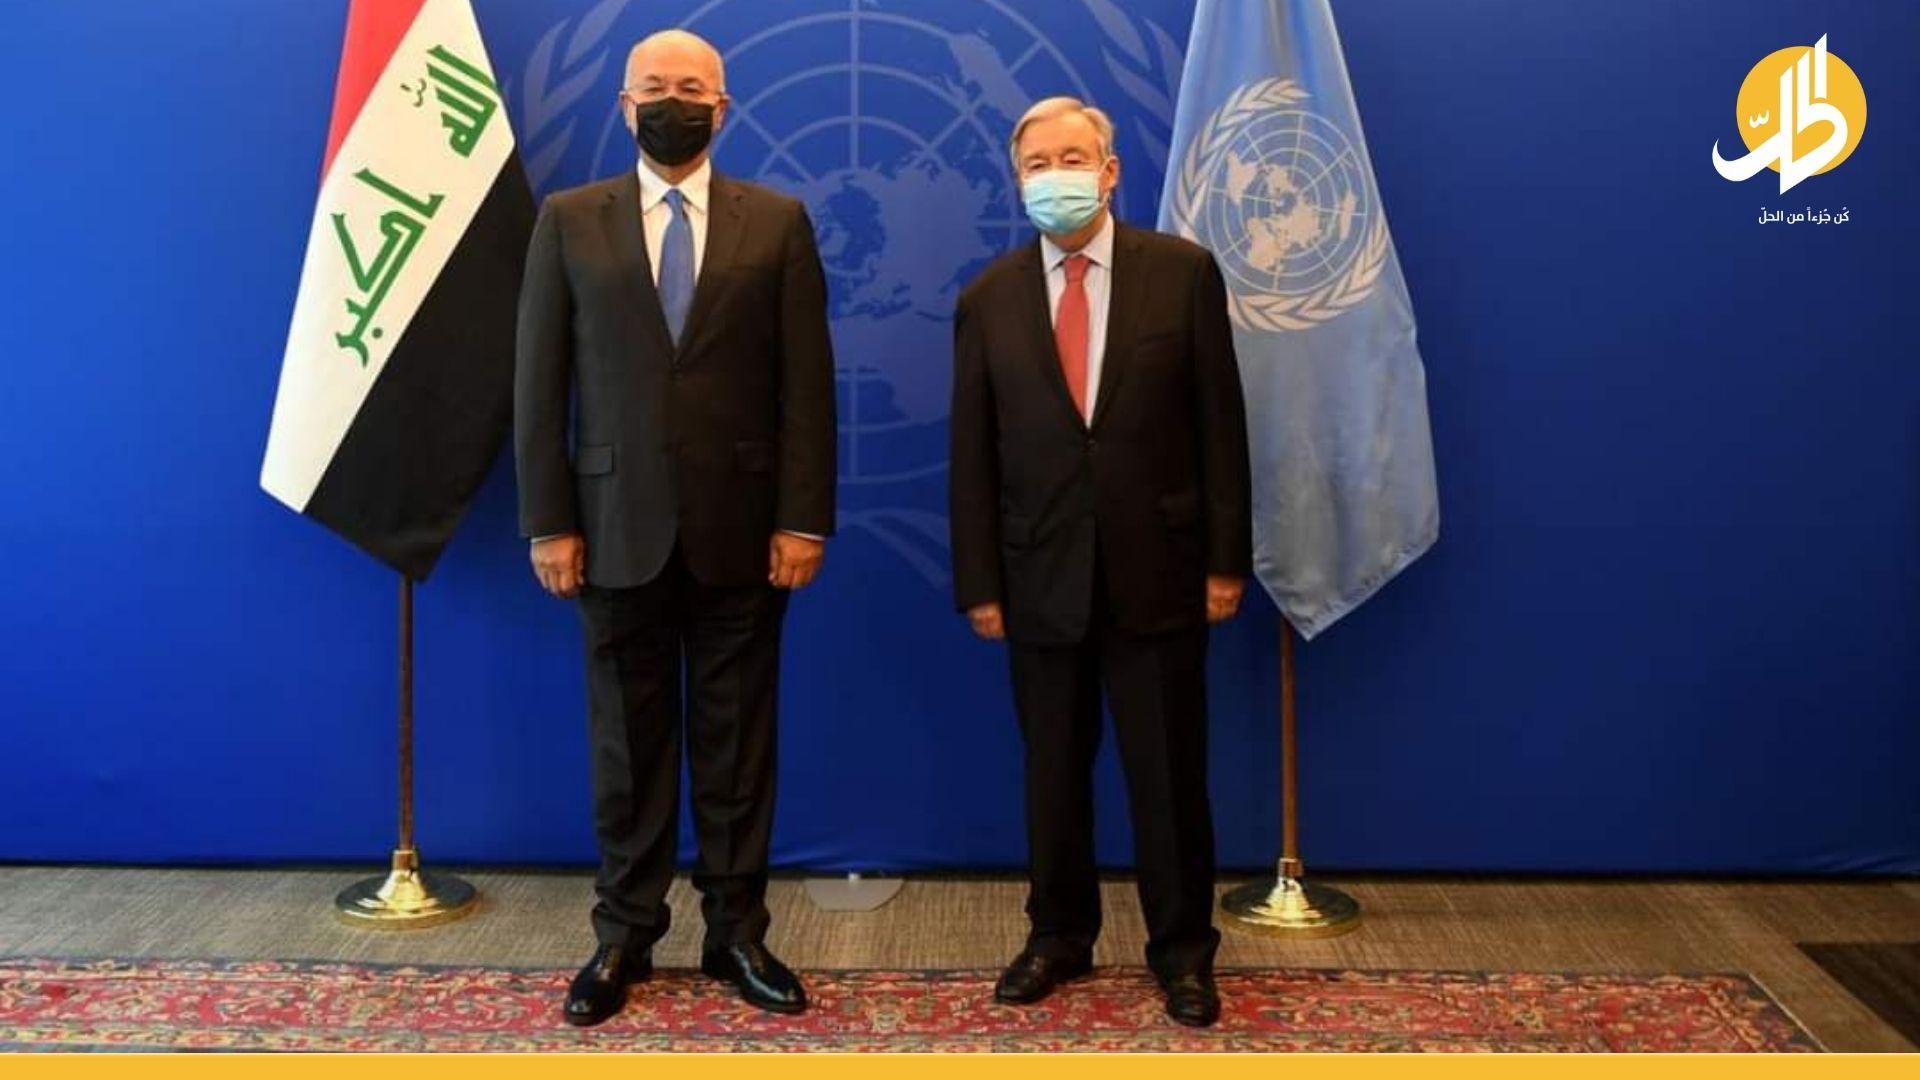 """برهم صالح يلتقي """"غوتيرش"""" خلال اجتماعات الجمعية العامة.. الانتخابات العراقية على رأس الأجندة"""